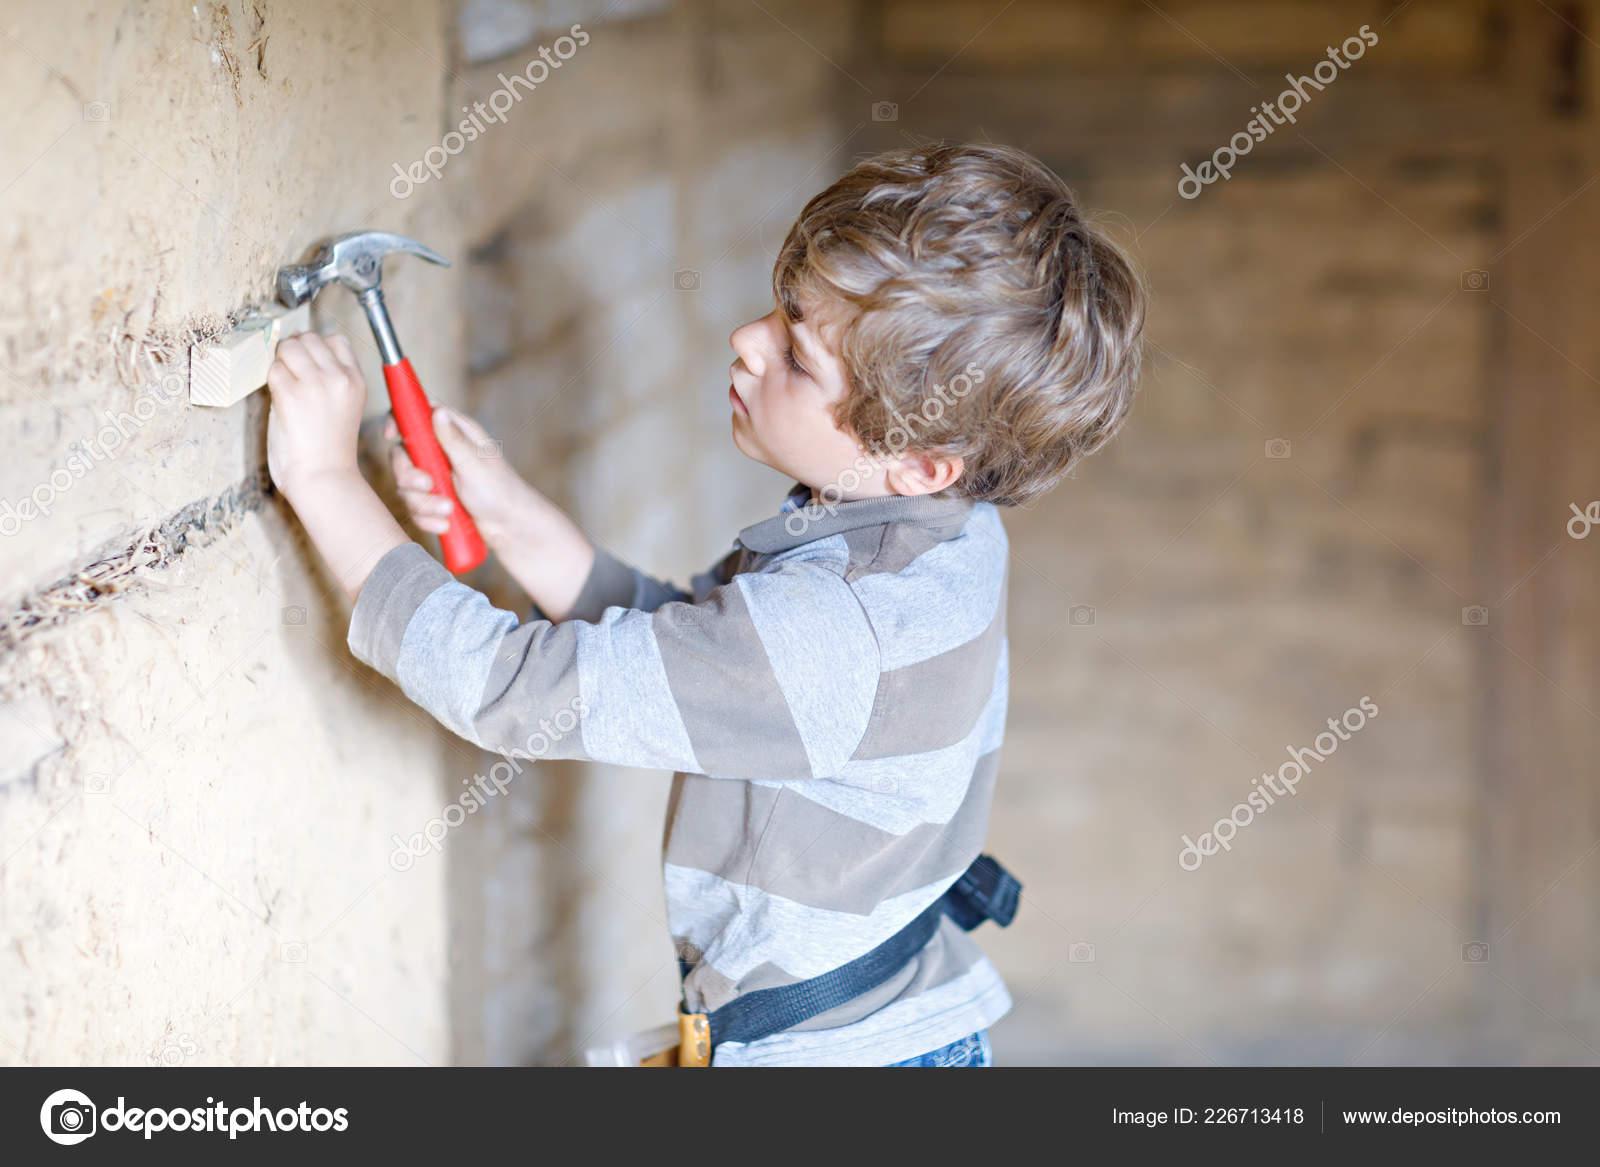 917850957f Garoto menino ajudando com ferramentas de brinquedo no canteiro de obras.  Engraçado criança de 6 anos se divertindo na construção de nova casa da  família.